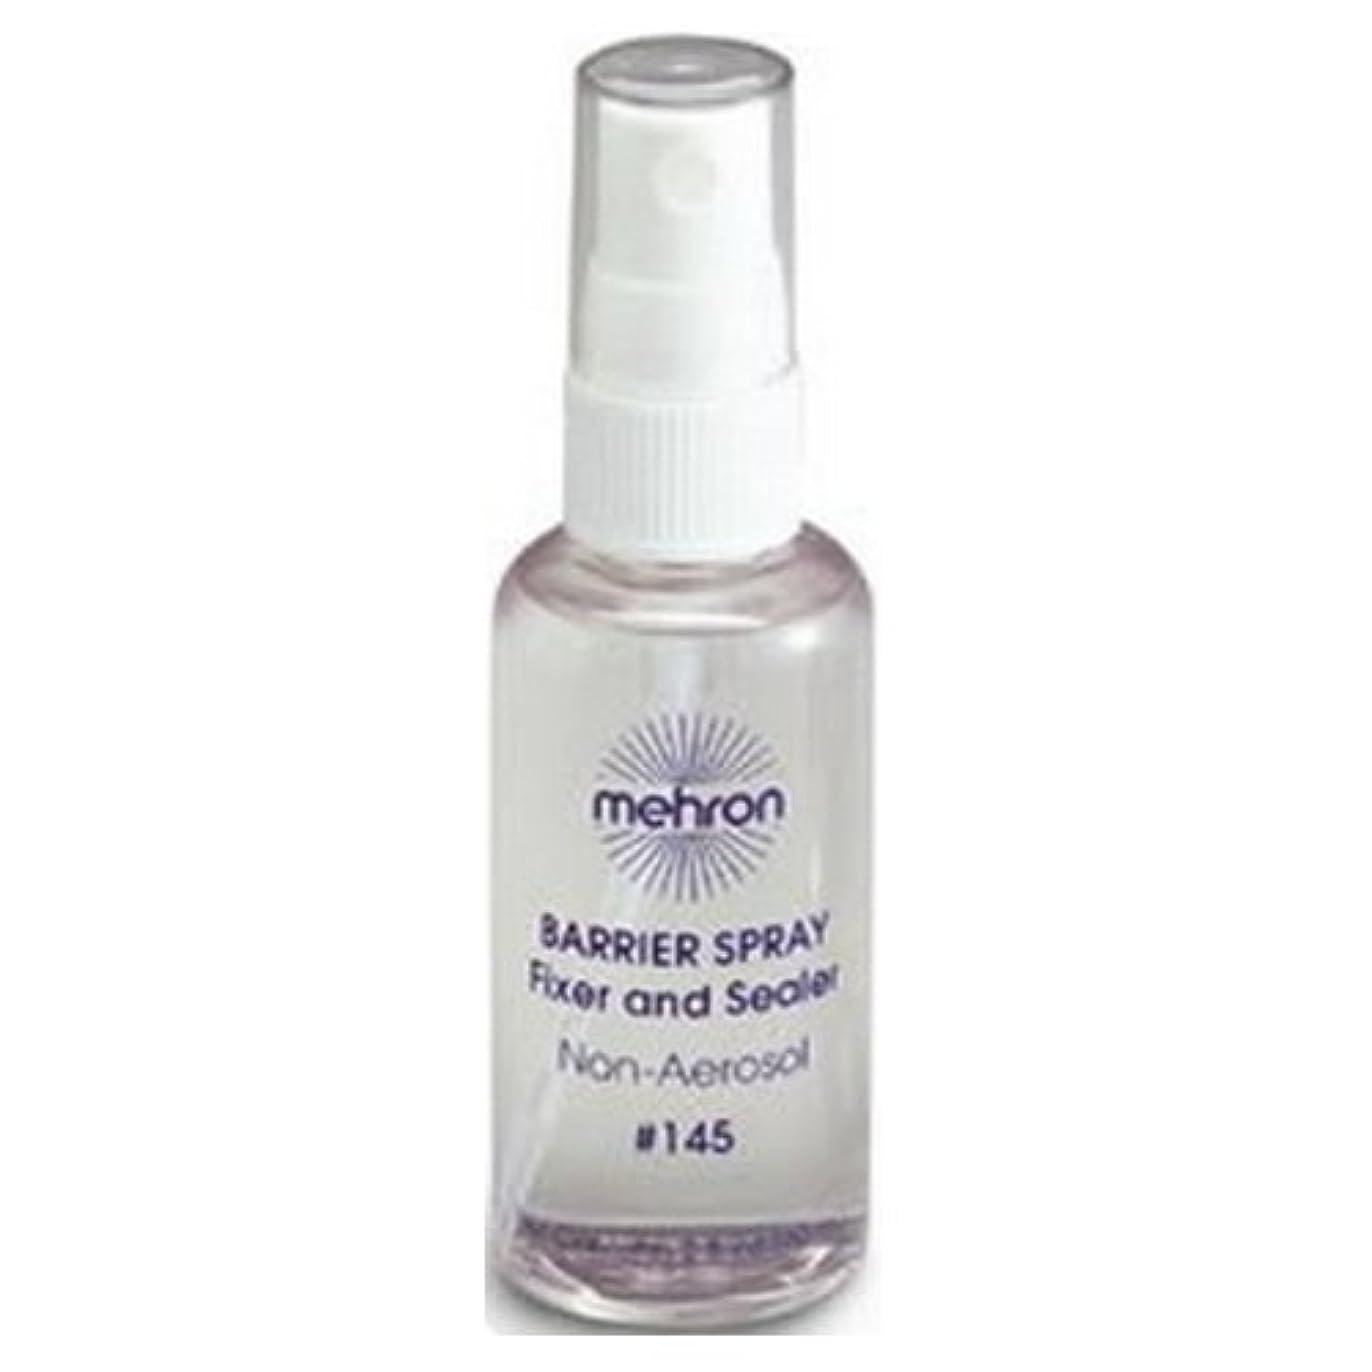 から聞く合金縮約(3 Pack) mehron Barrier Spray Fixer and Sealer - Clear (並行輸入品)